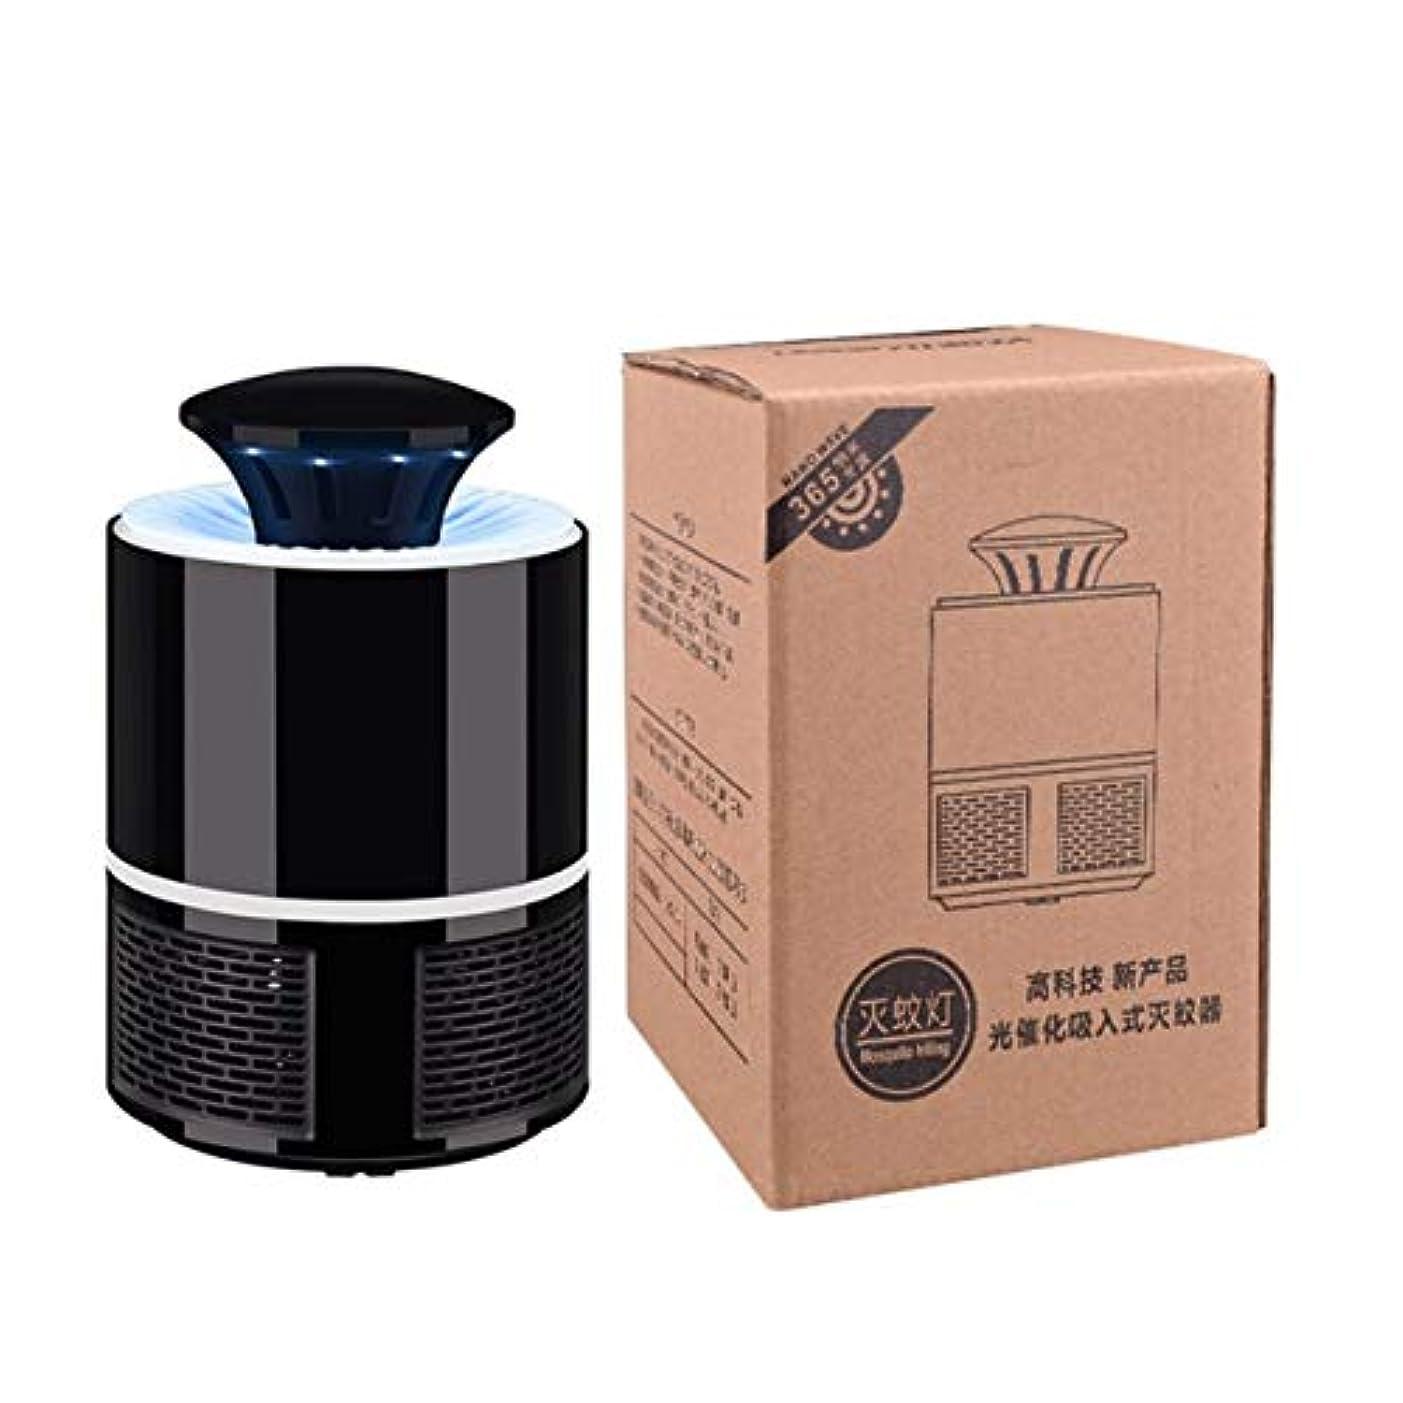 全くに頼る祈るSaikogoods USB無放射電子モスキートキラーライトランプ家庭の使用は USBモスキートトラップバグ昆虫ザッパーLEDライト 黒